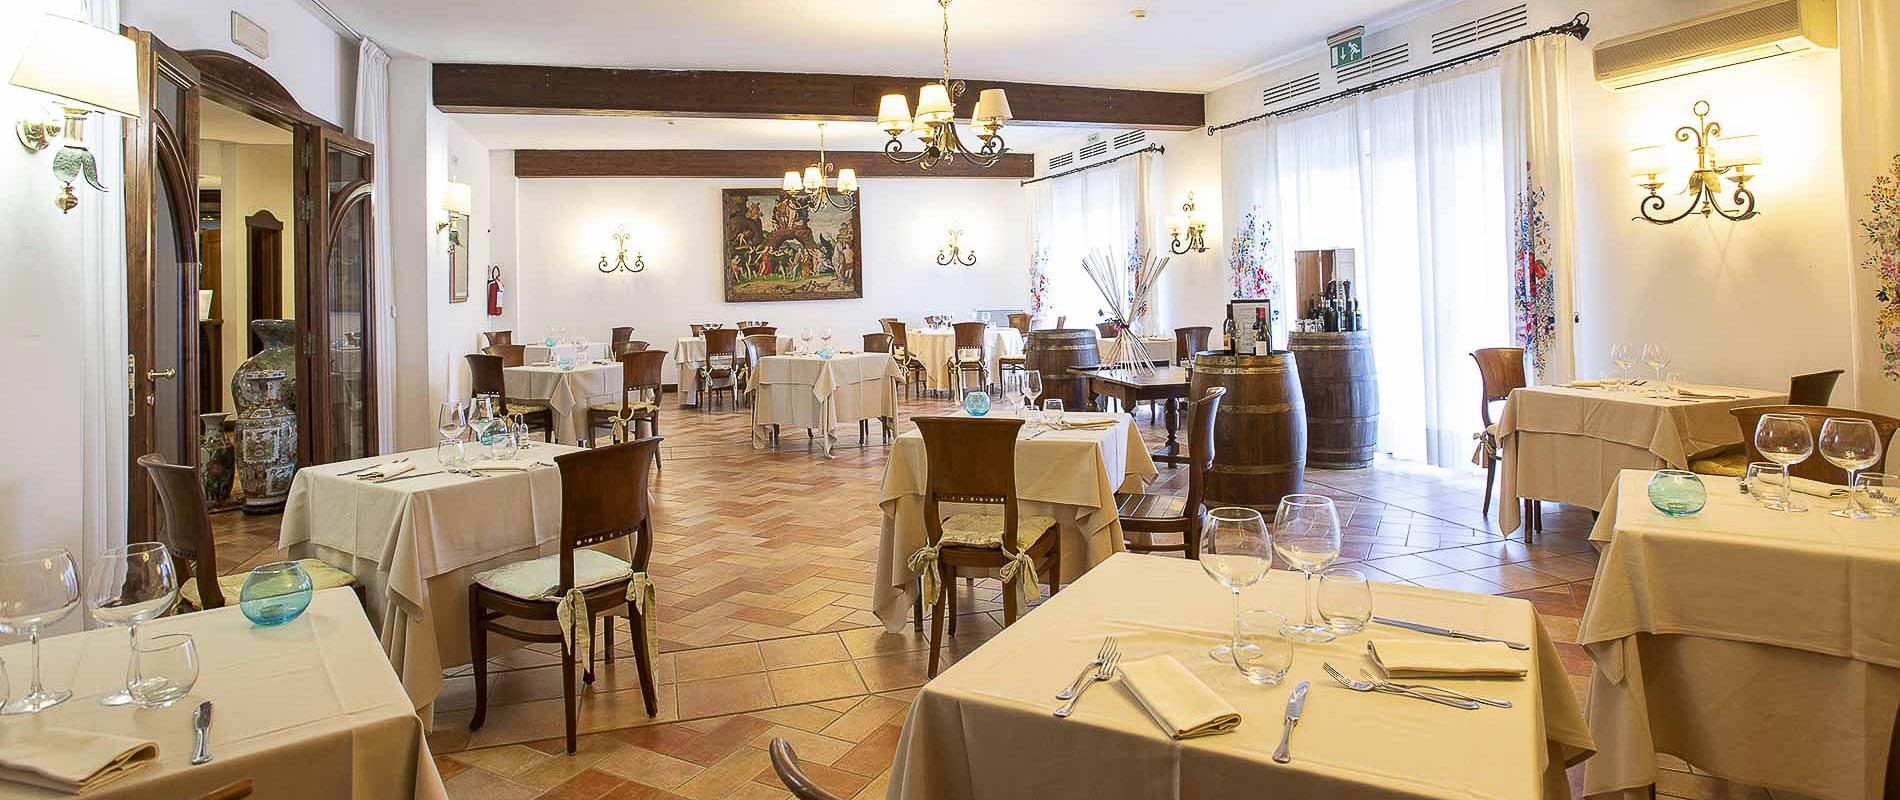 ristorante-caletra-02